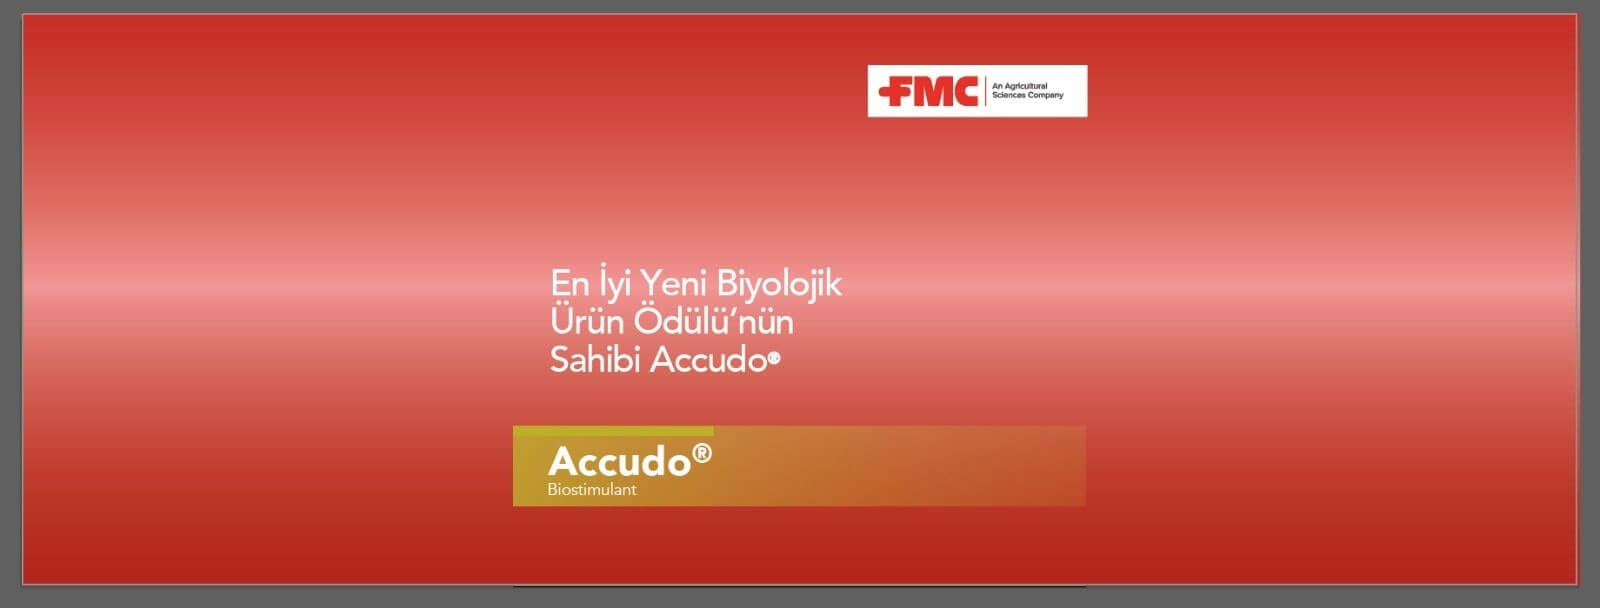 FMC'nin bitki besleme ürünleri arasında bulunan Accudo®, Agrow Ödülleri kapsamında En İyi Yeni Biyolojik Ürün kategorisinde ödüle layık görüldü.